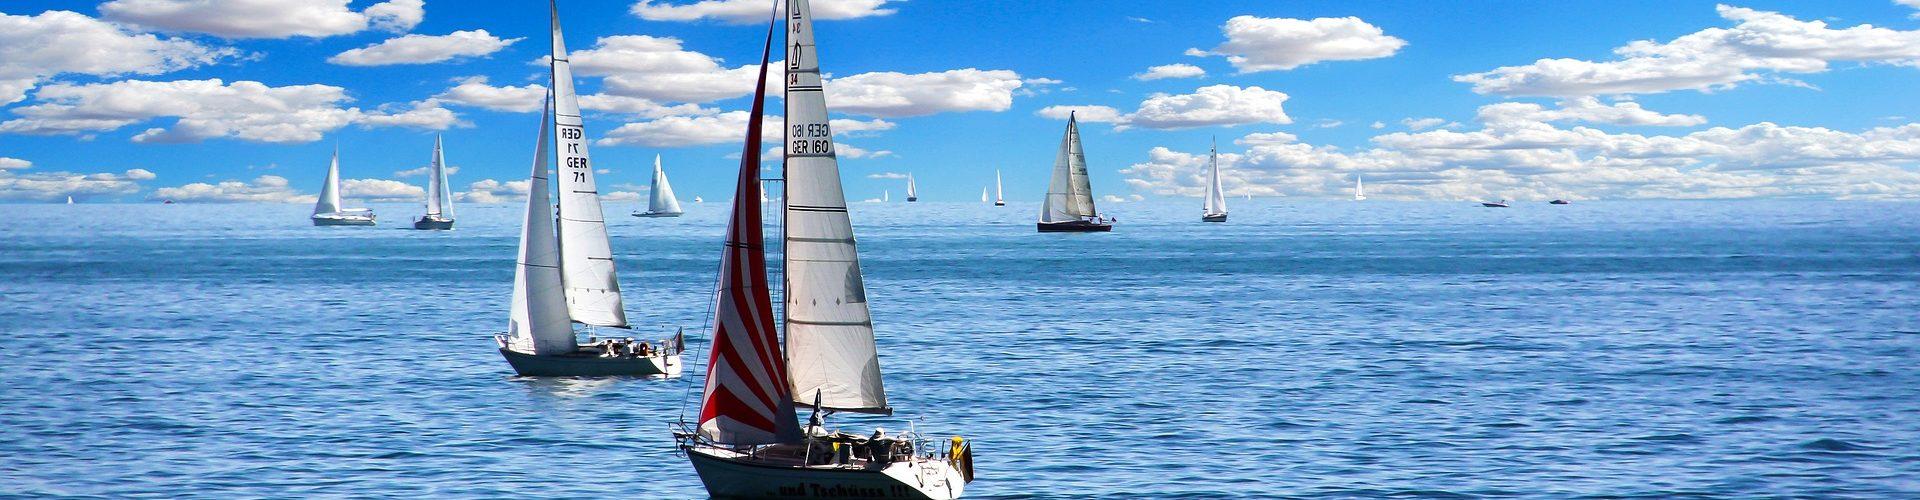 segeln lernen in Wachtberg segelschein machen in Wachtberg 1920x500 - Segeln lernen in Wachtberg